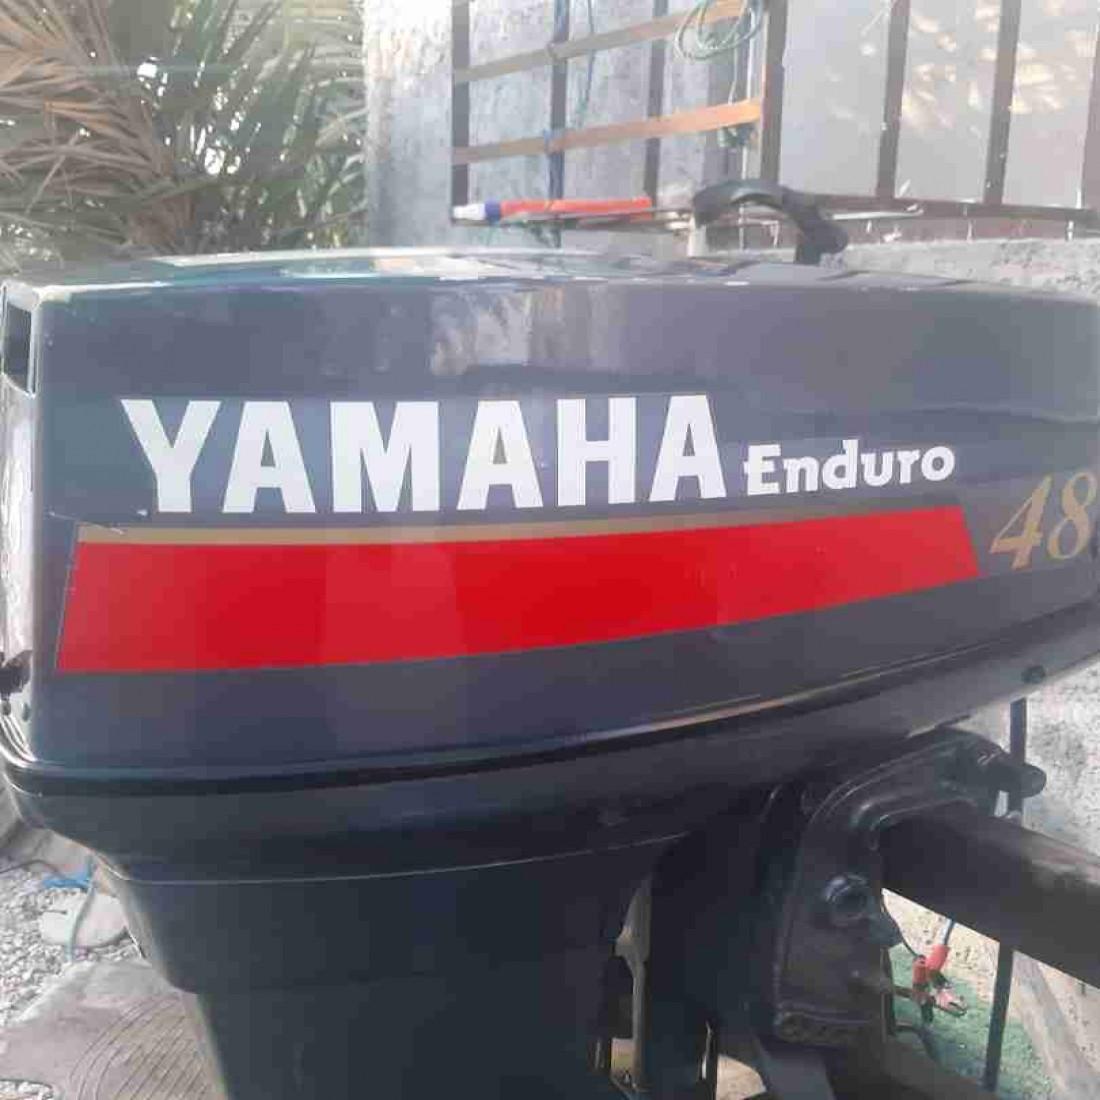 فروش موتور 48 و 85 یاماها